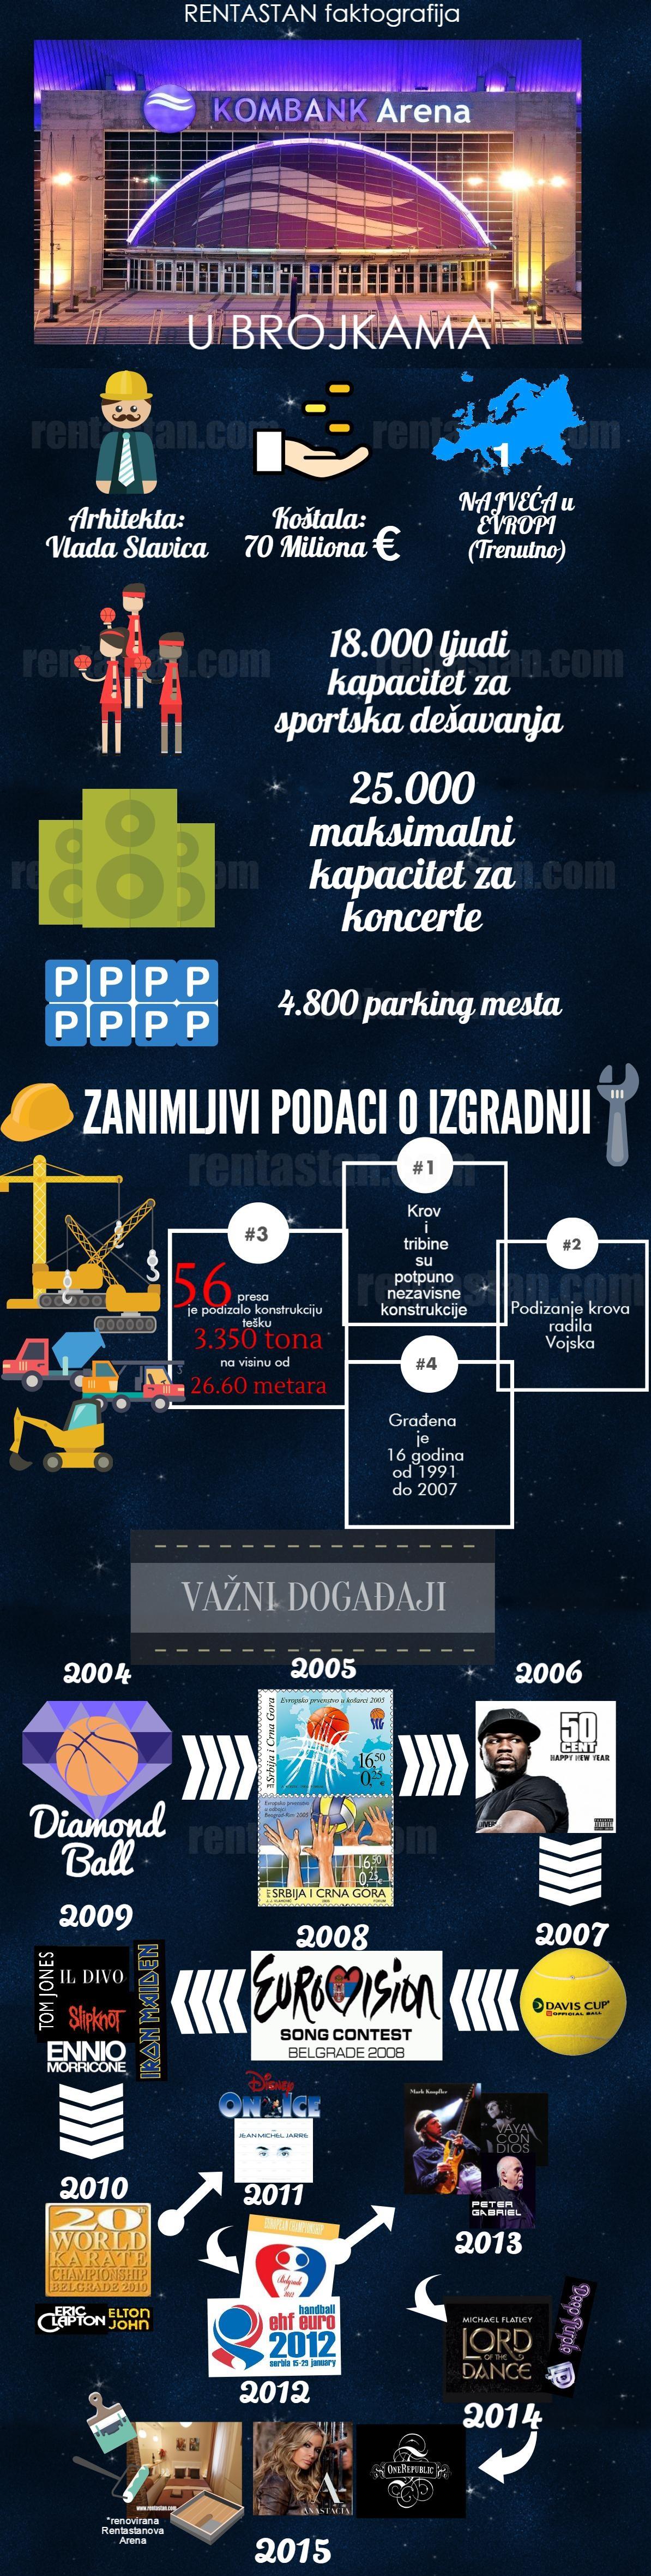 Infografika Beogradska Arena u Brojkama